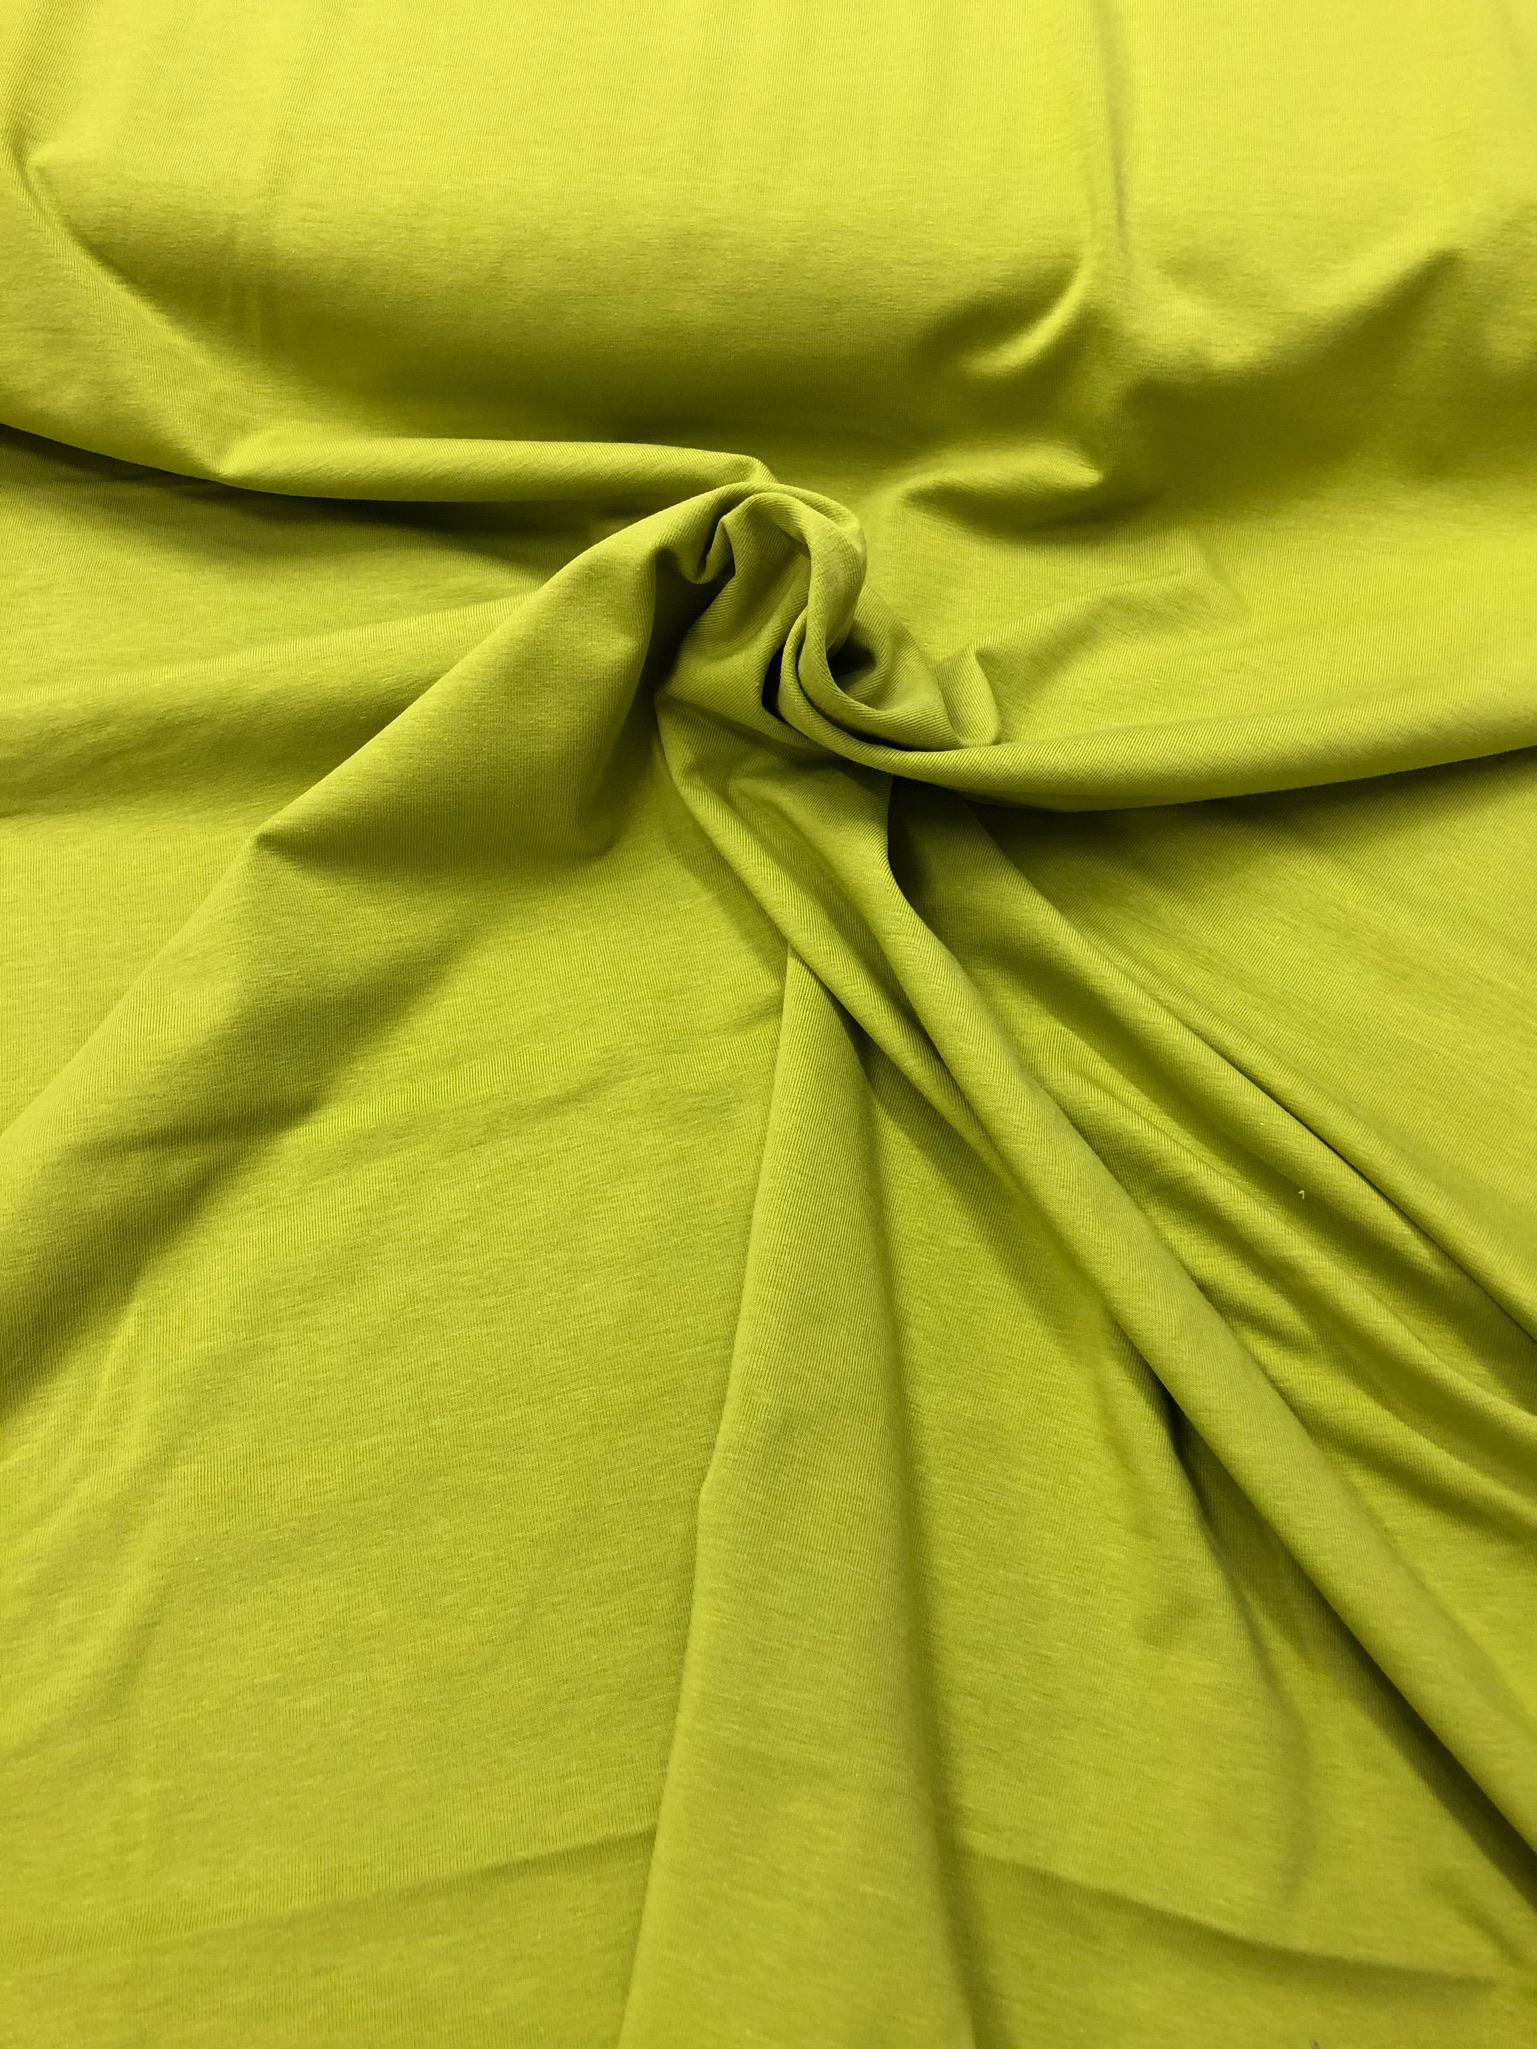 Kiwi organic cotton jersey